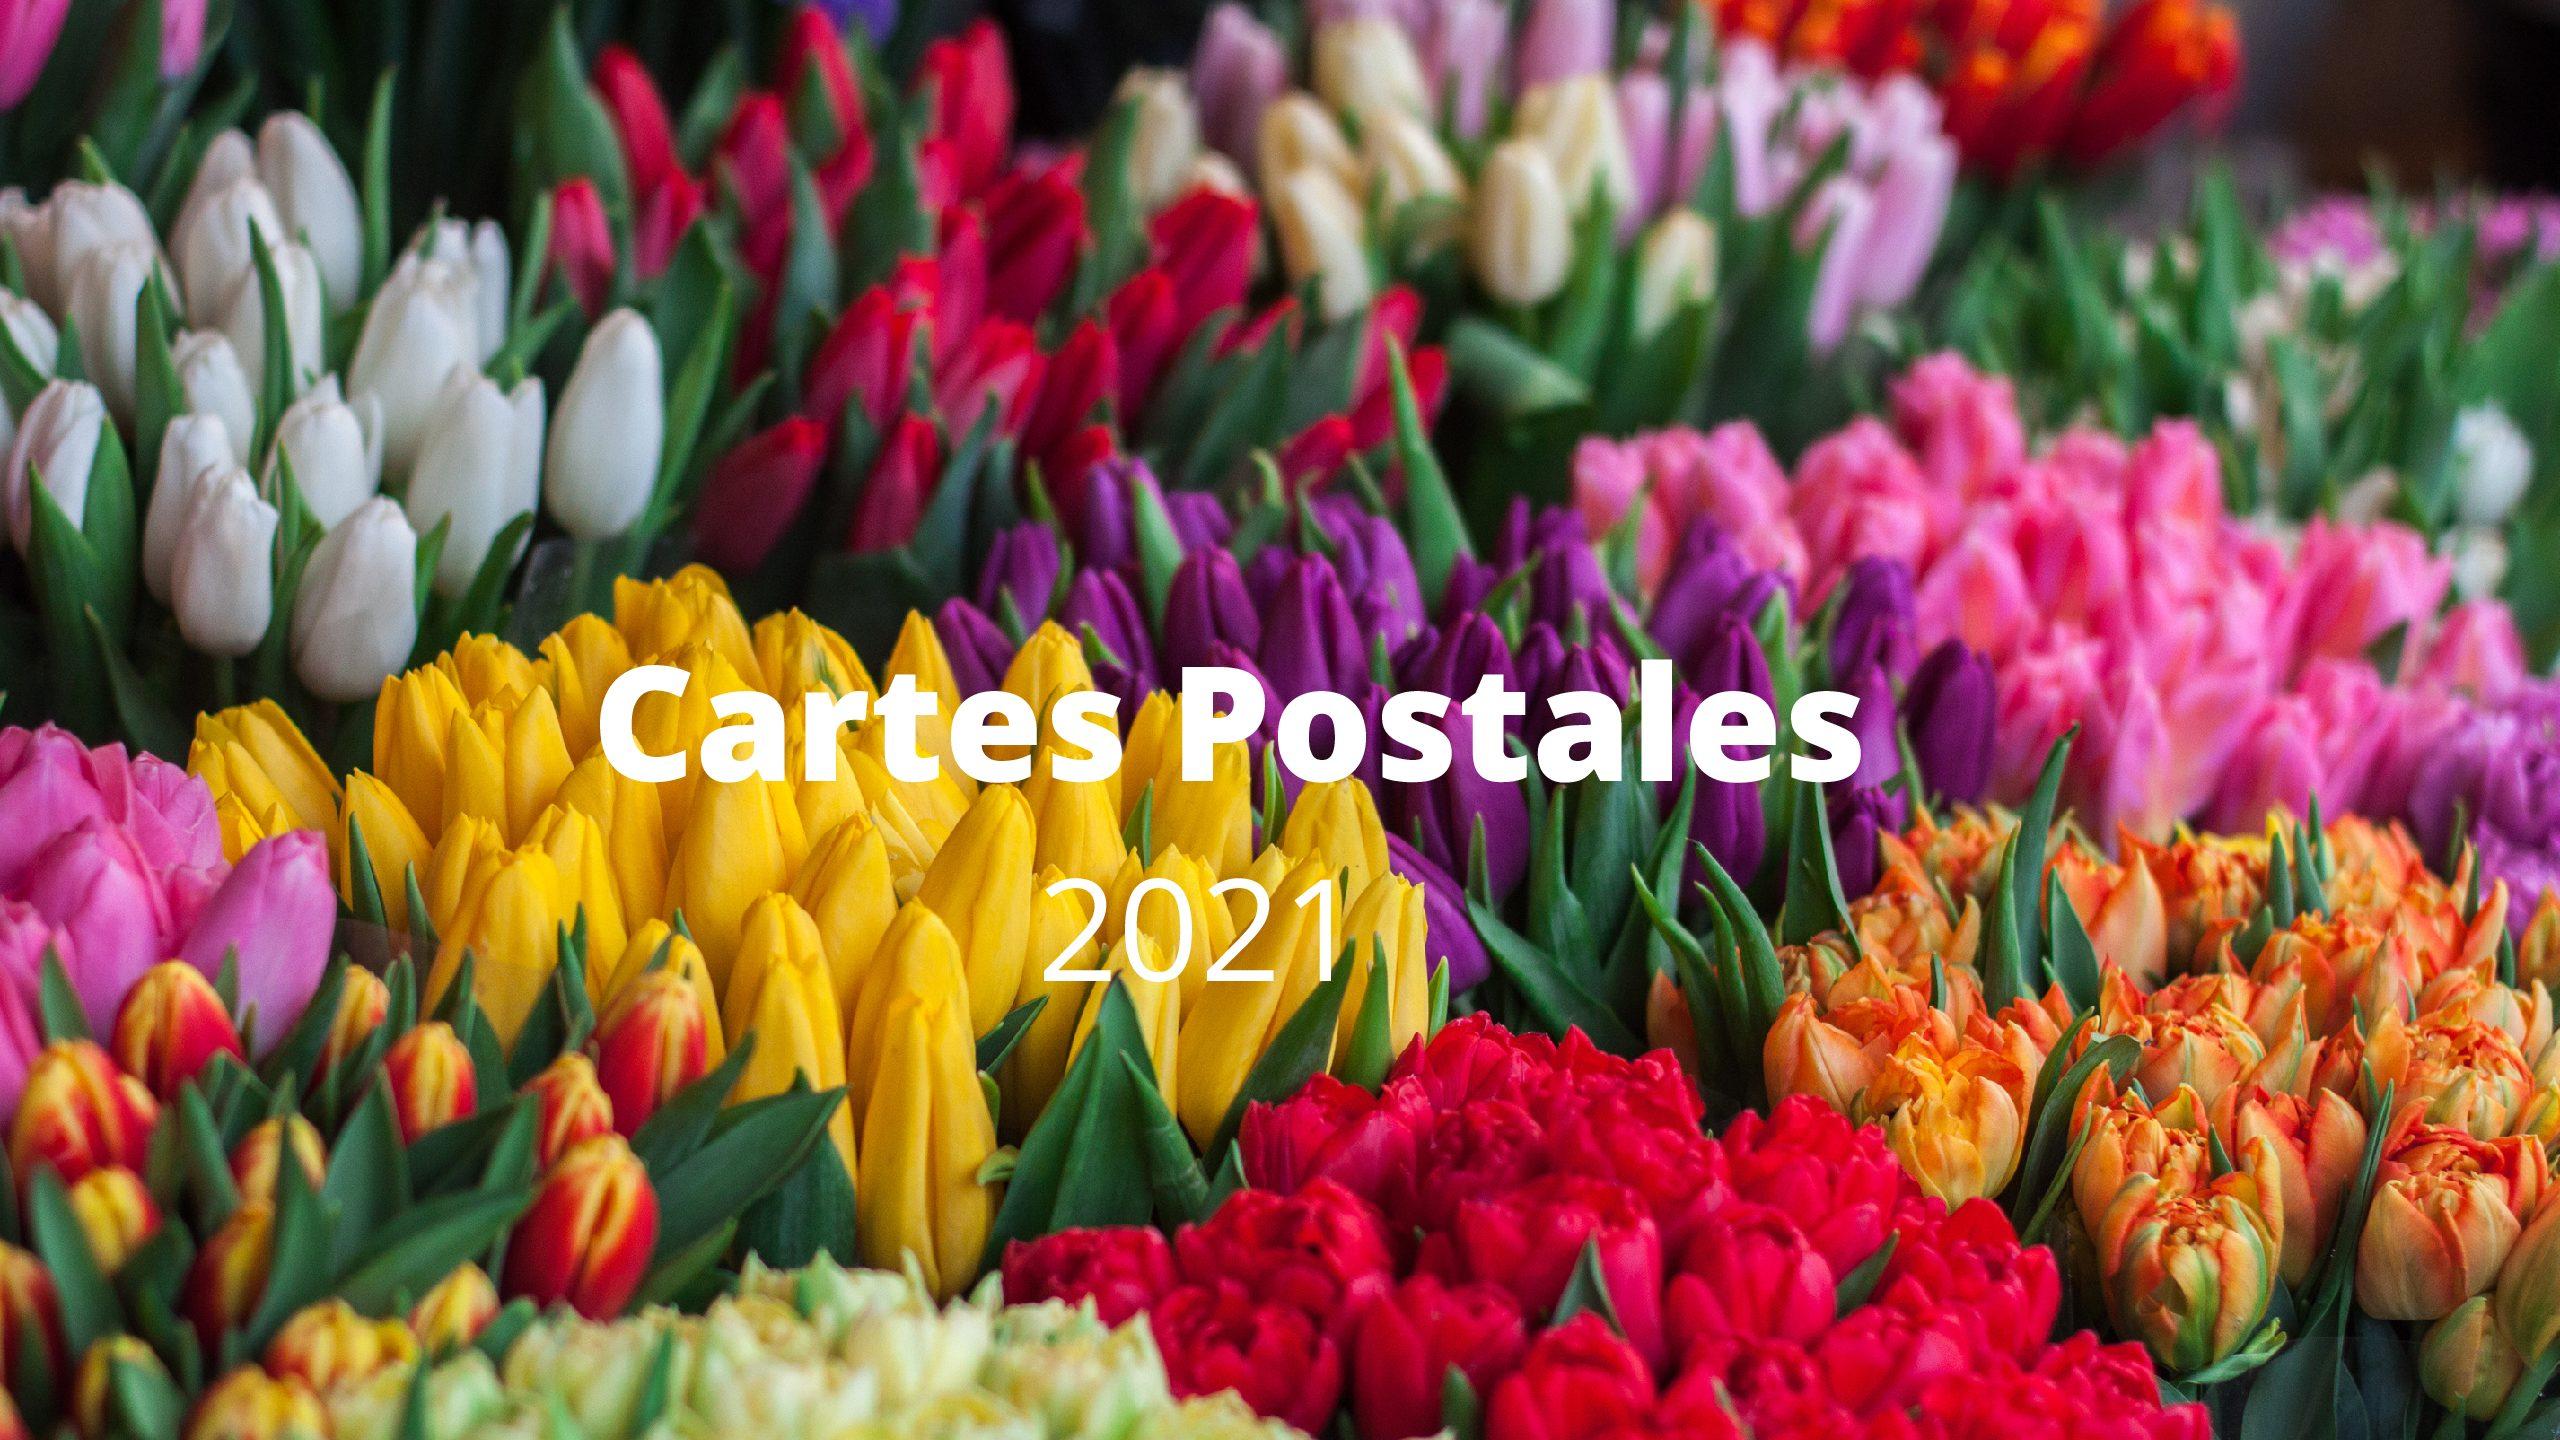 Cartes Postales 2021 (2ème partie) : Laquelle préférez-vous?